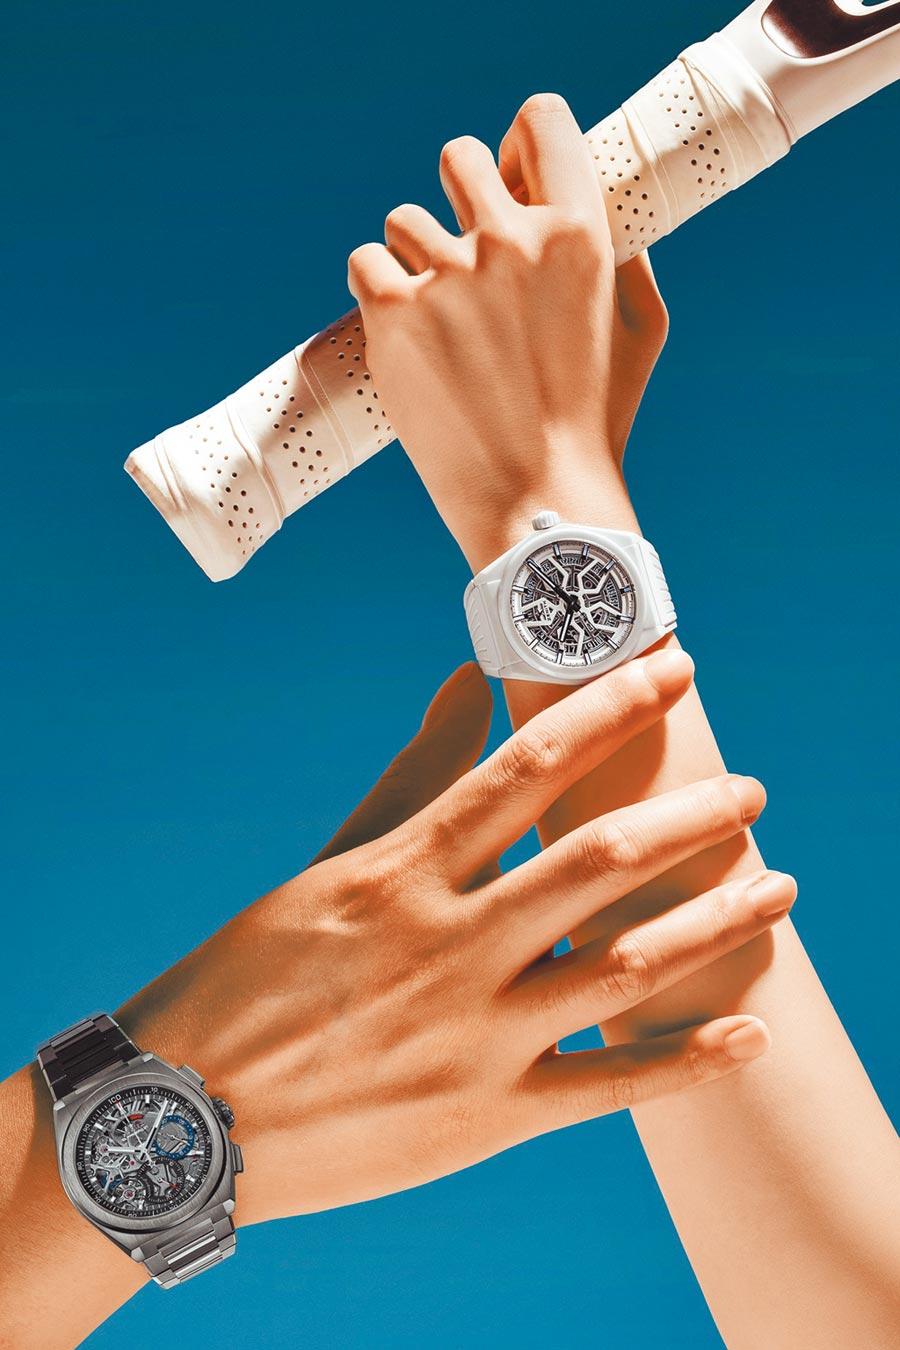 真力時在情人節推薦DEFY El Primero 21腕表(左),41萬6000元,以及充滿時尚品味的DEFY Classic白色陶瓷腕表,23萬5000元。(ZENITH提供)